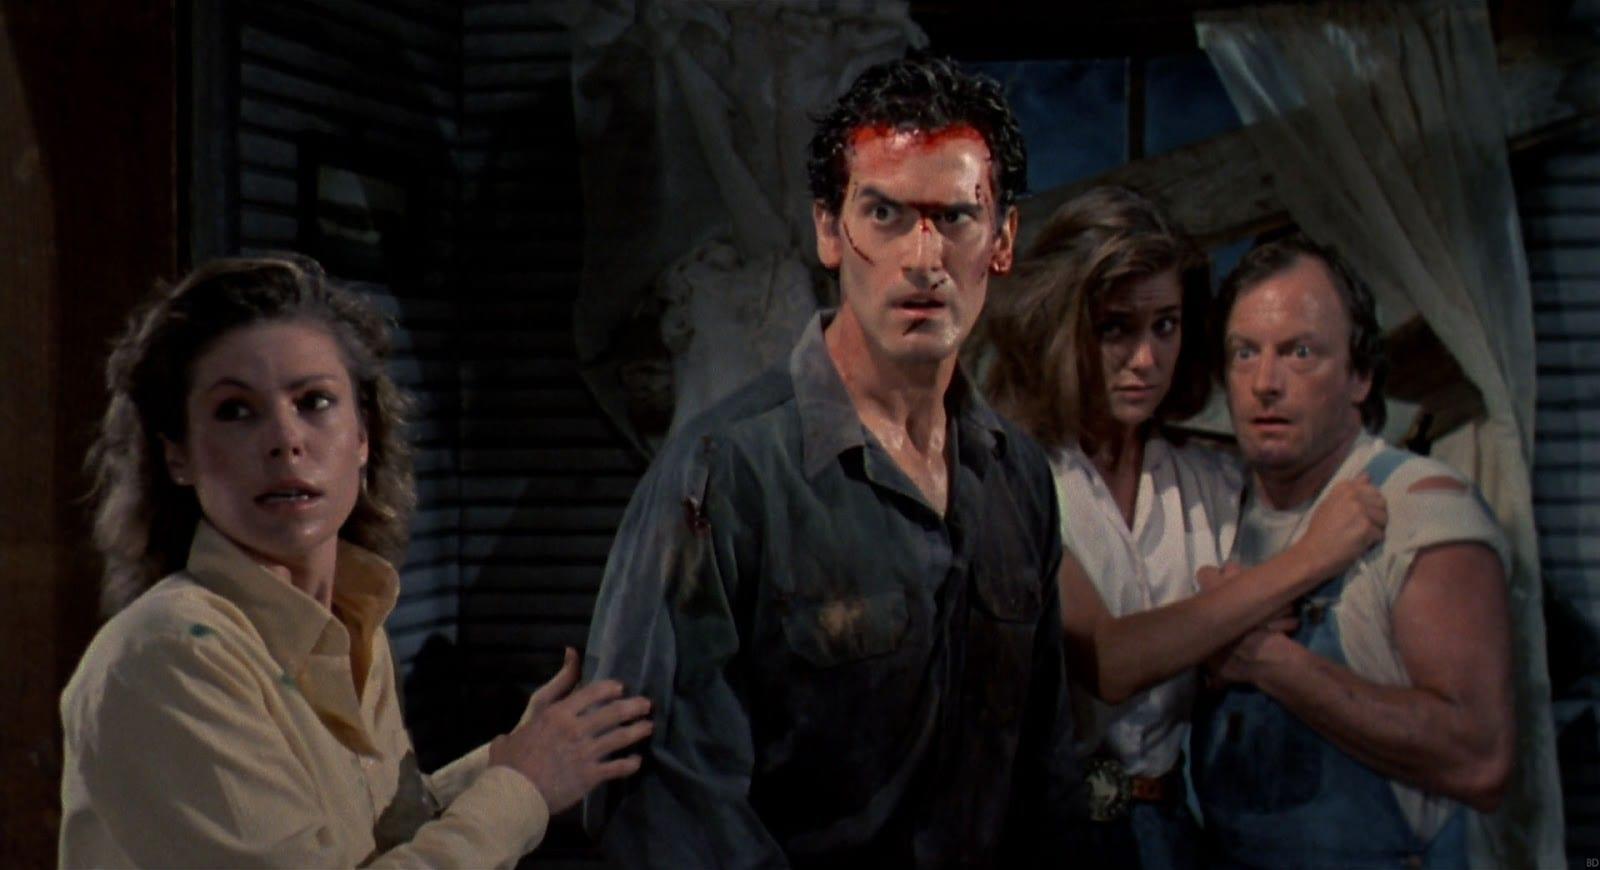 La Casa, l'honest trailer della saga horror-comedy di Sam Raimi